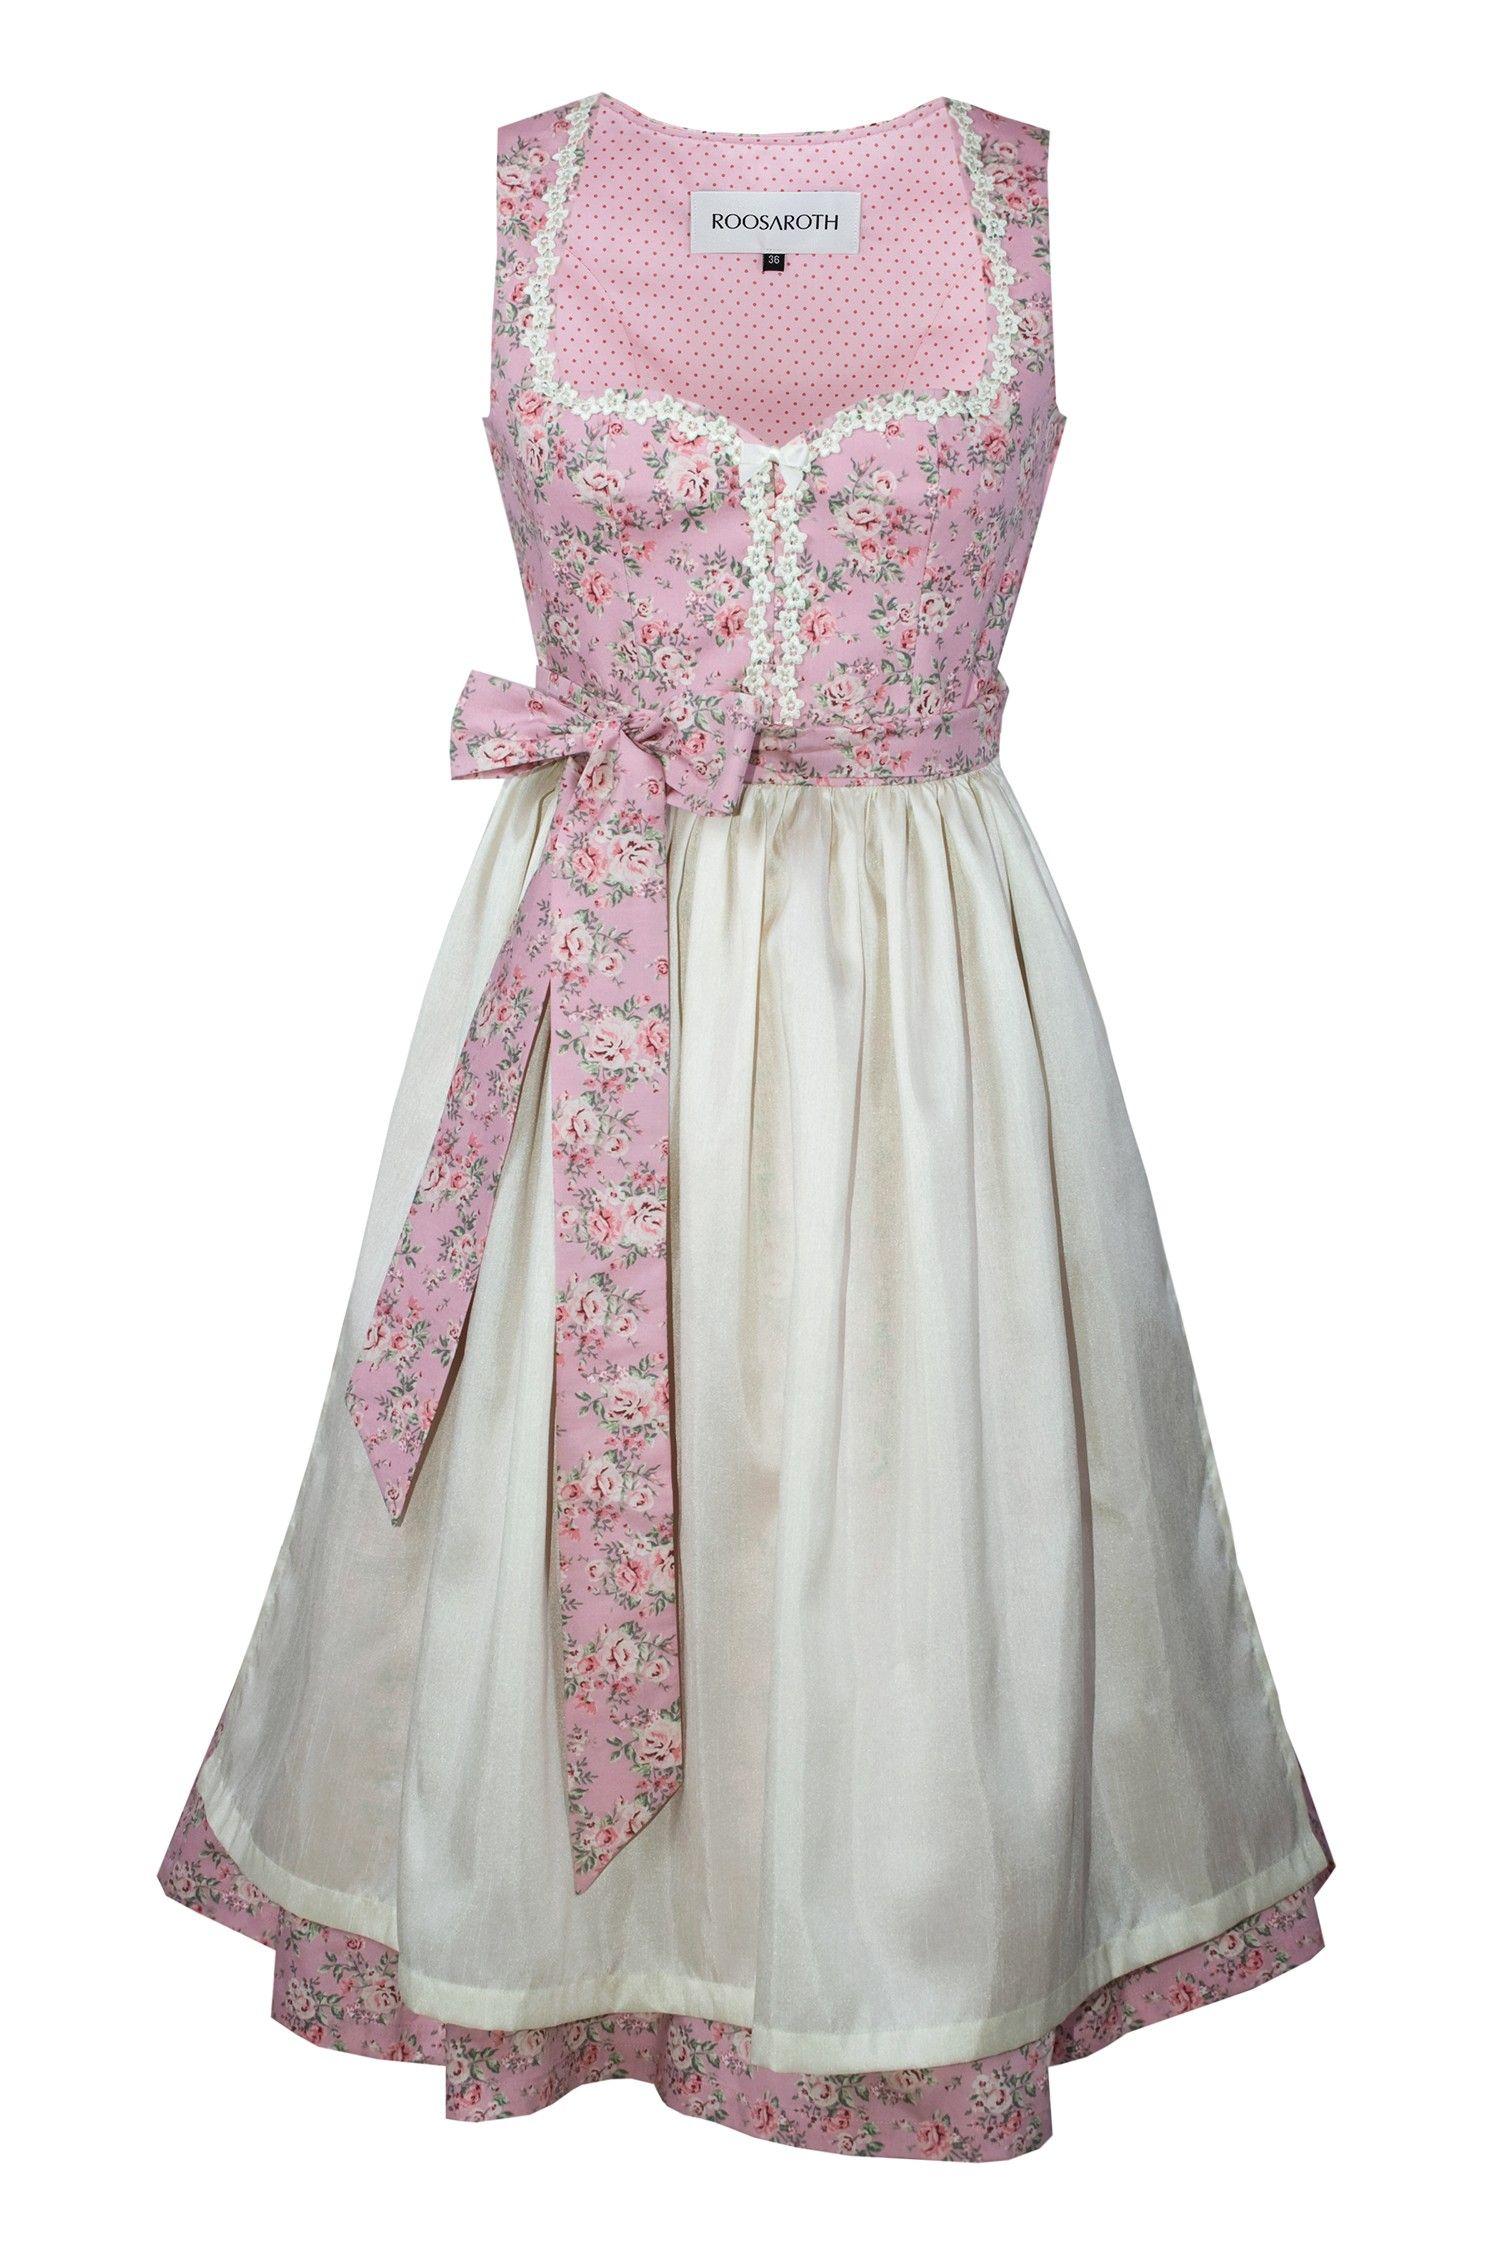 af592eeaaff63 Dirndl FIORE ROSÈ   ROOSAROTH - Dirndl Couture   S❤   Trachten ...